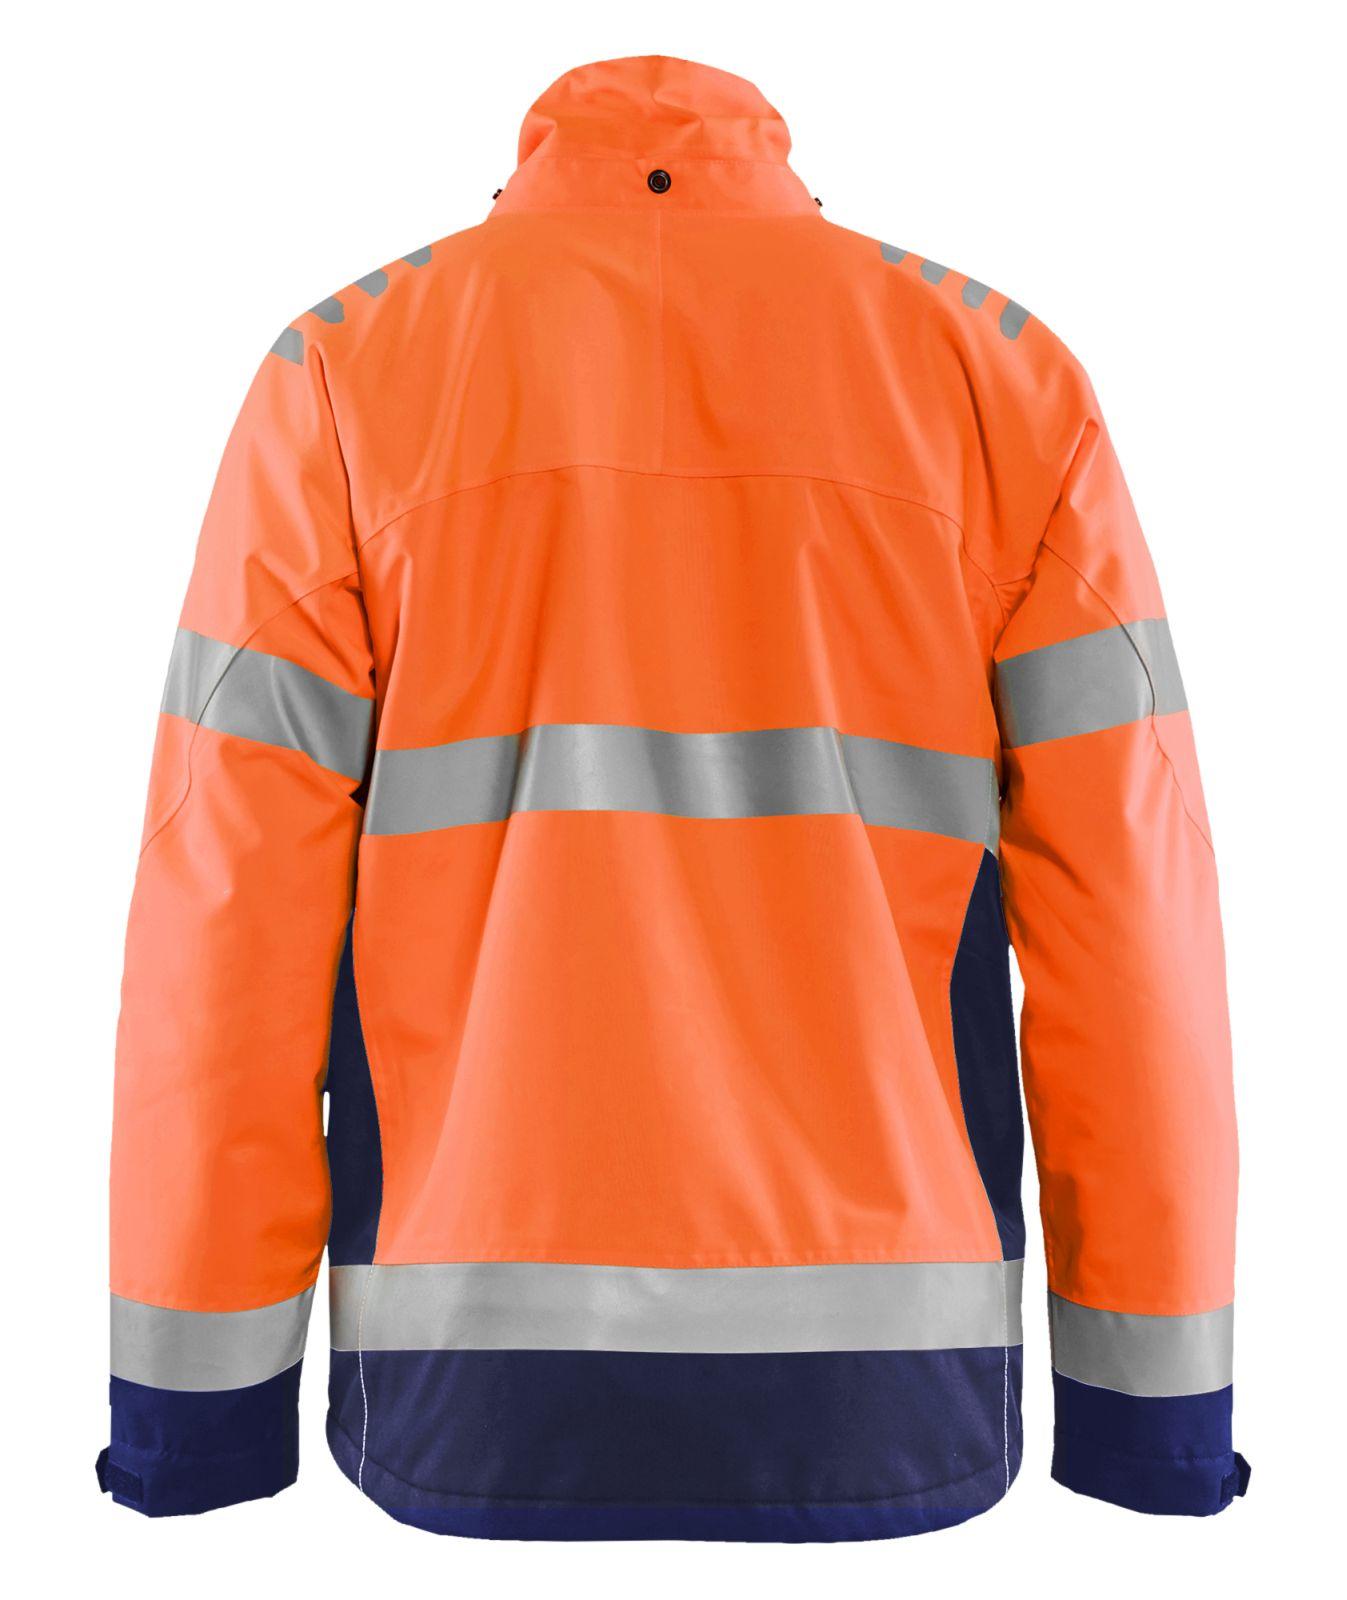 Blaklader Jassen 47801977 High Vis fluo oranje-marineblauw(5389)